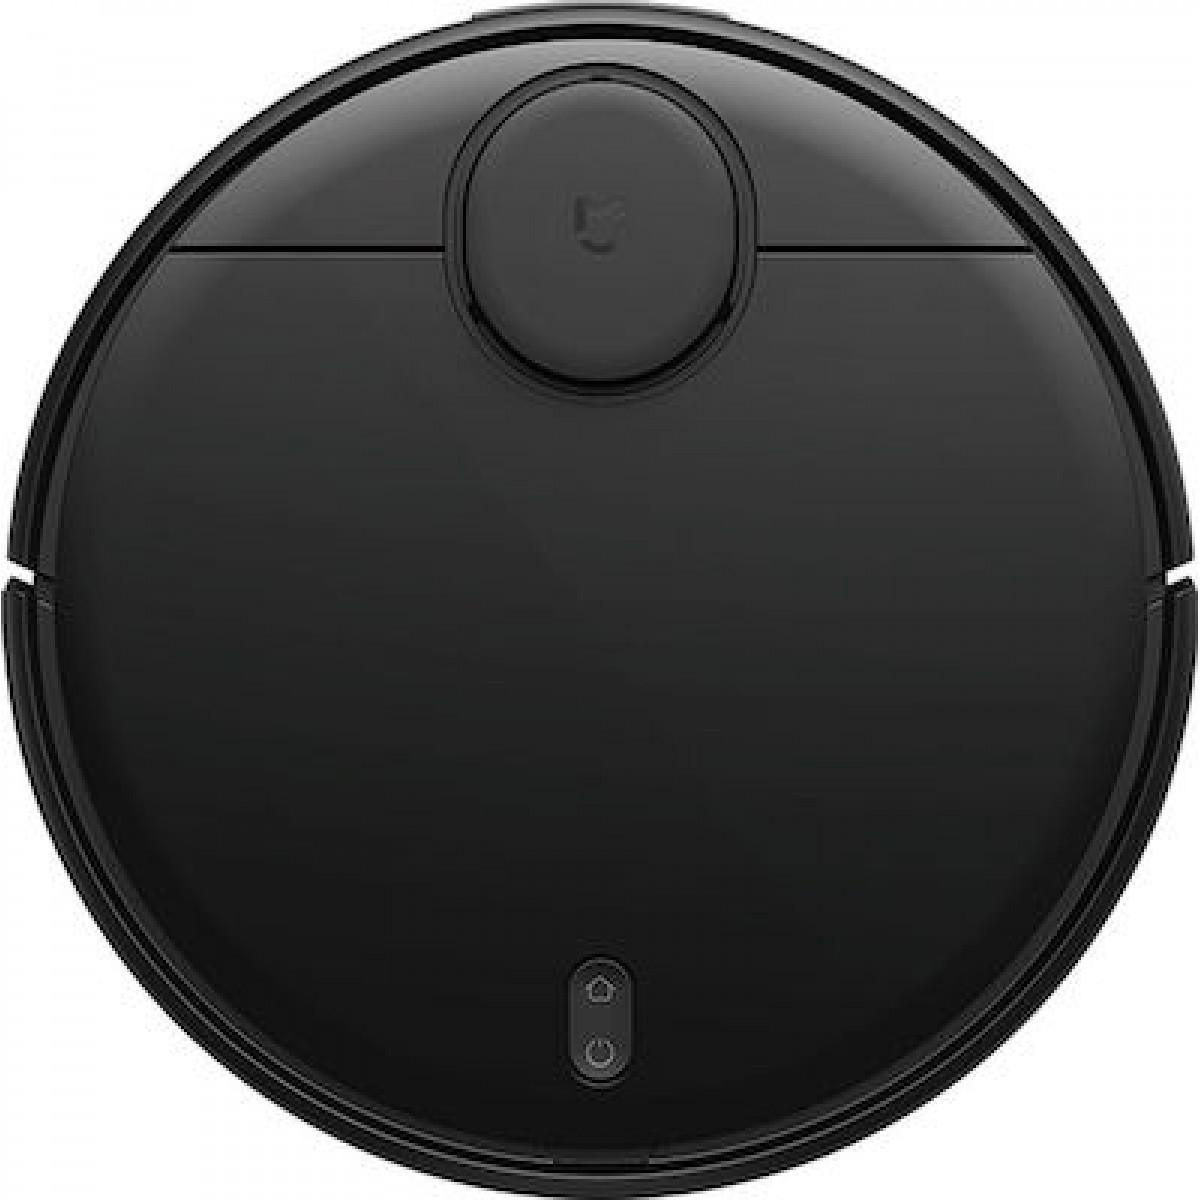 Σκούπα Xiaomi Mi Robot Vacuum-Mop P Μαύρη Σκούπες